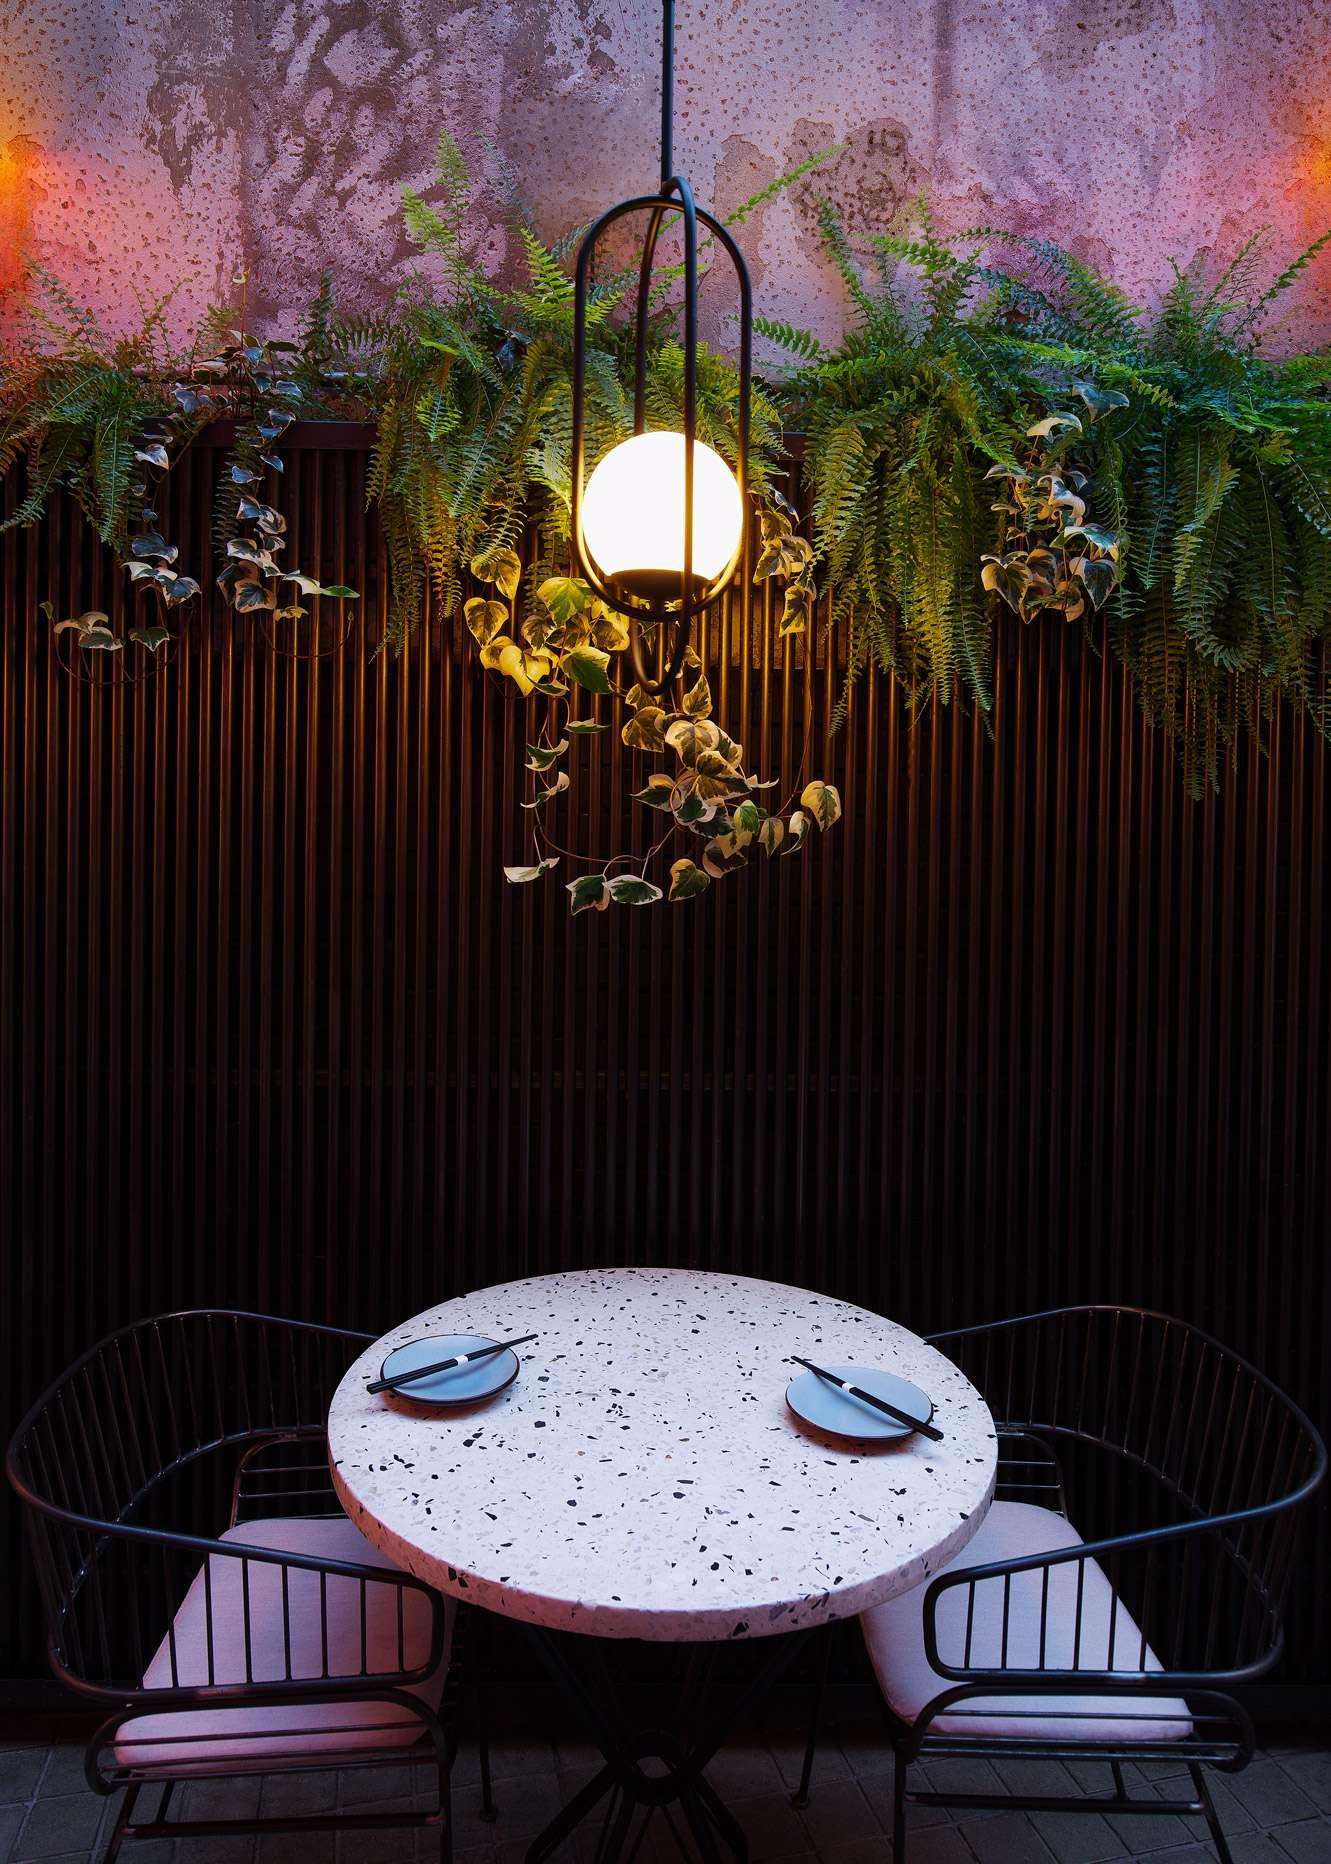 04.elchino.colette.duque.arquitectura.simon.bosch.bogota.dimsum.interior.restaurant